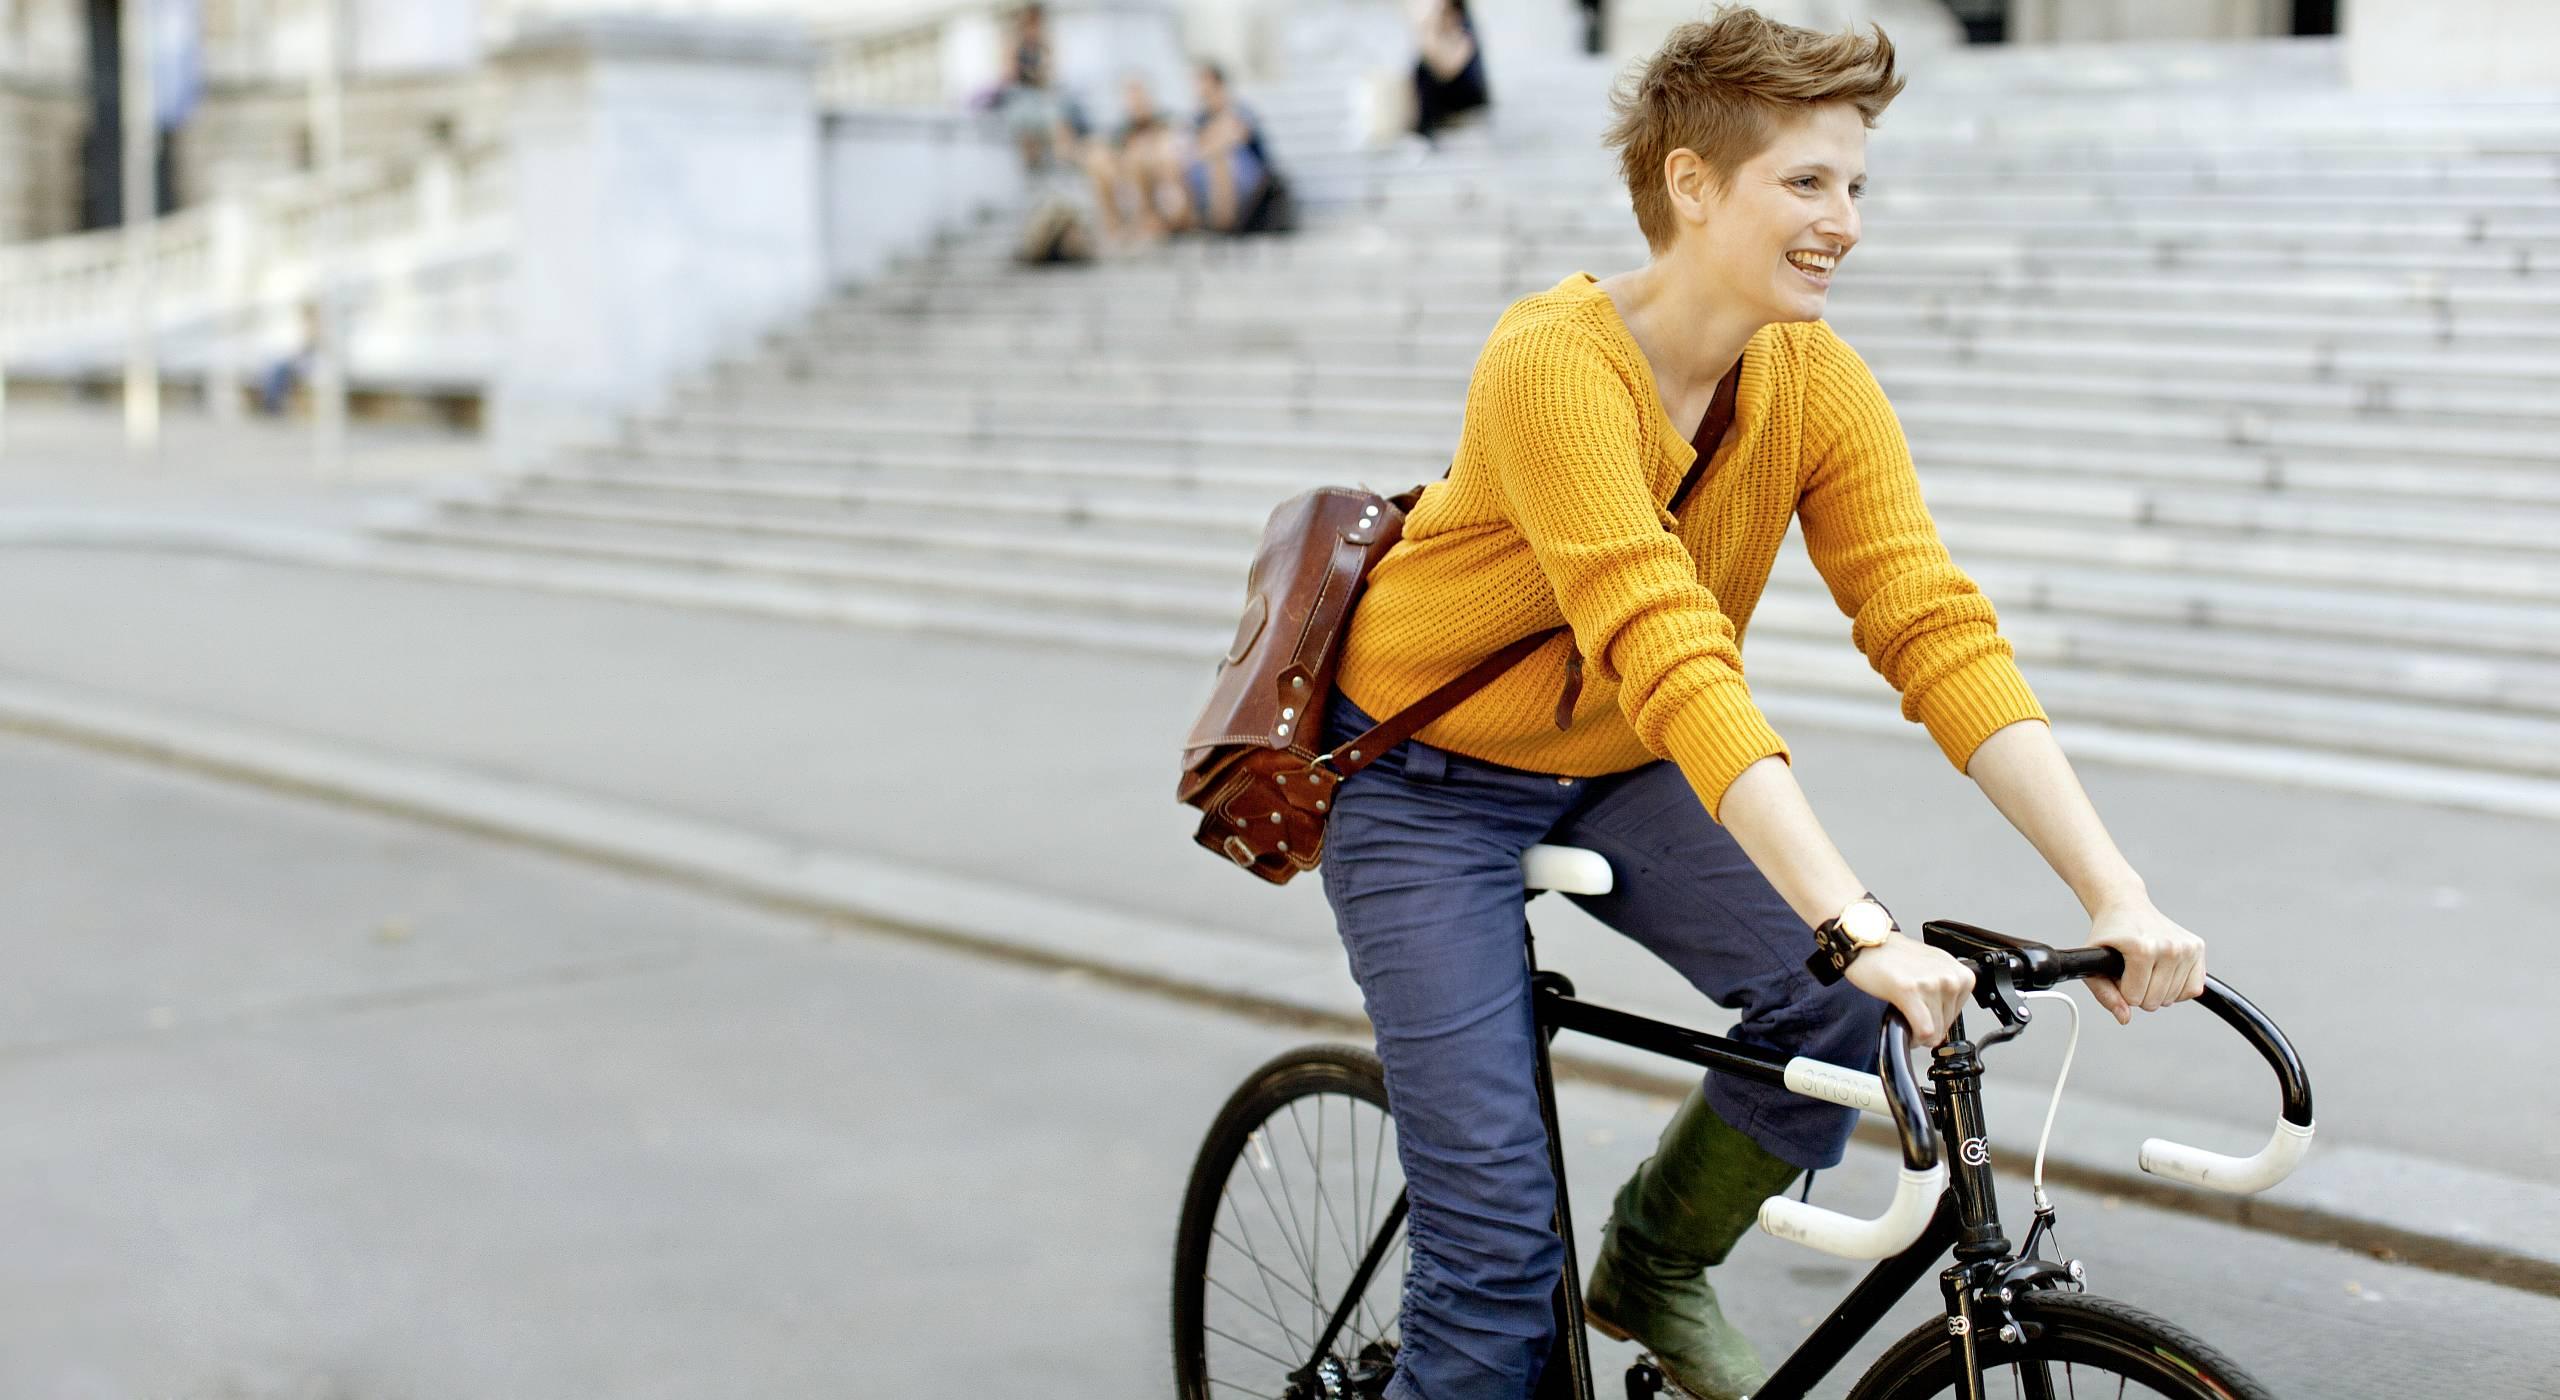 Eine junge Frau mit Kurzhaarschnitt radelt an der Wiener Hauptuni vorbei.